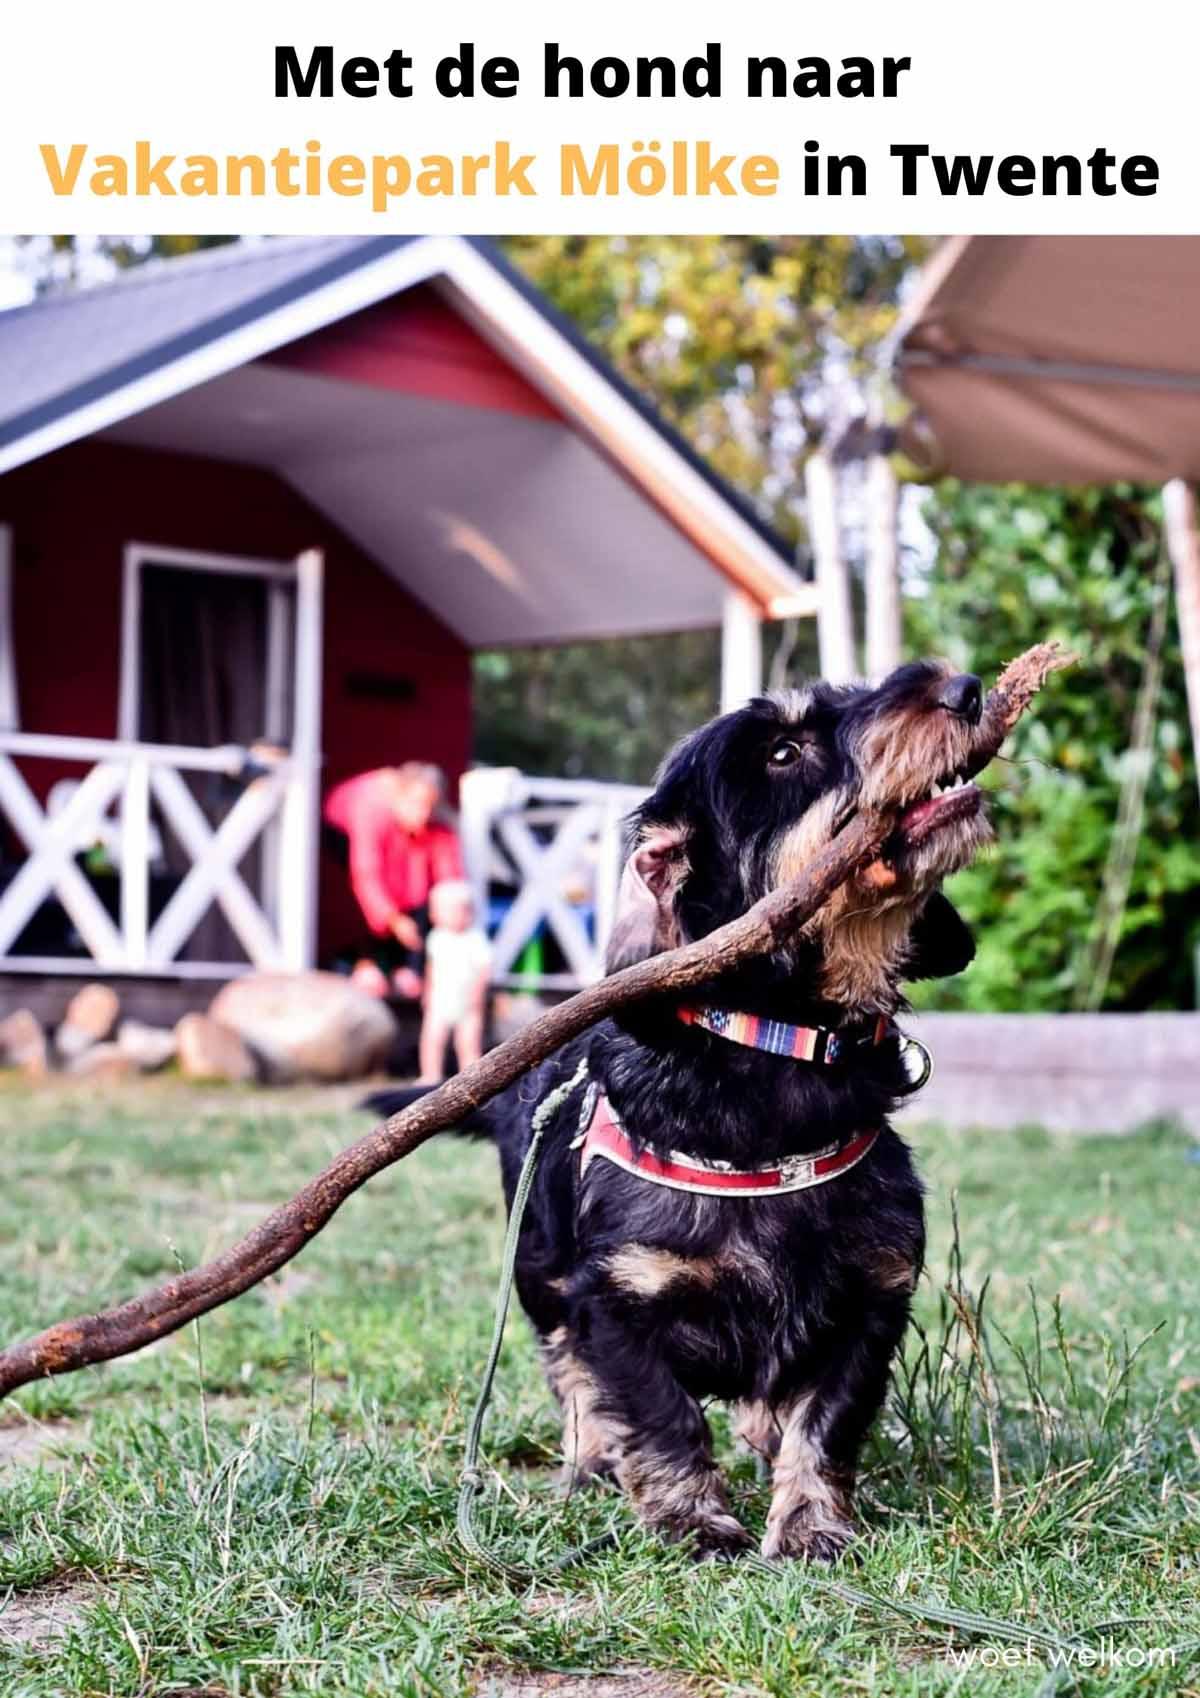 Met de hond naar Vakantiepark Mölke